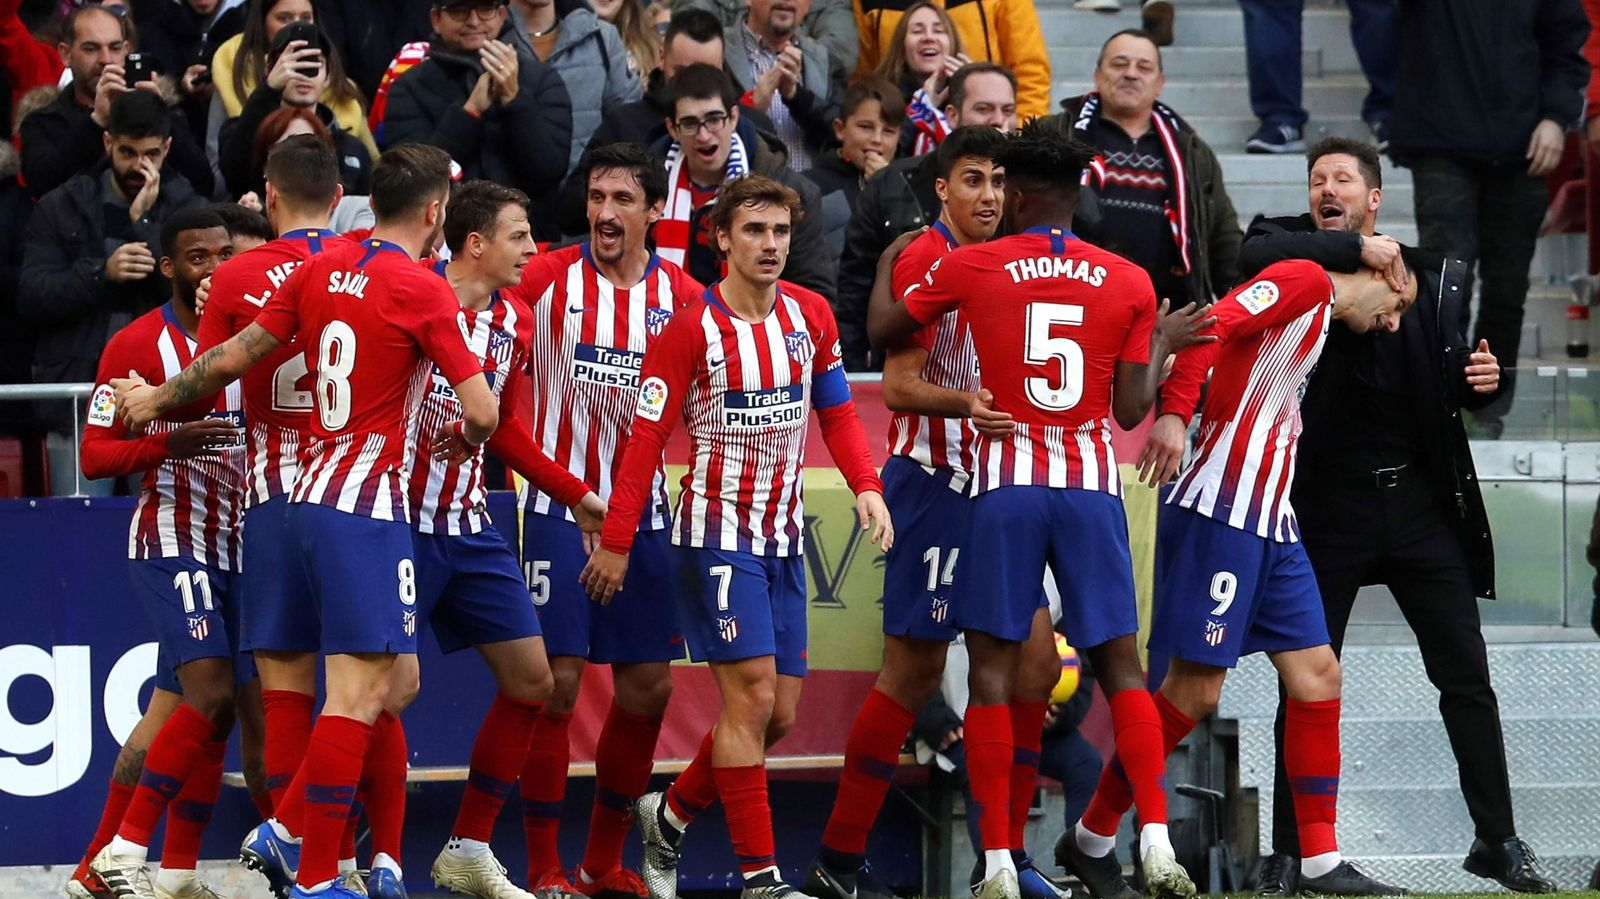 Foto: Atlético de madrid - deportivo alavés